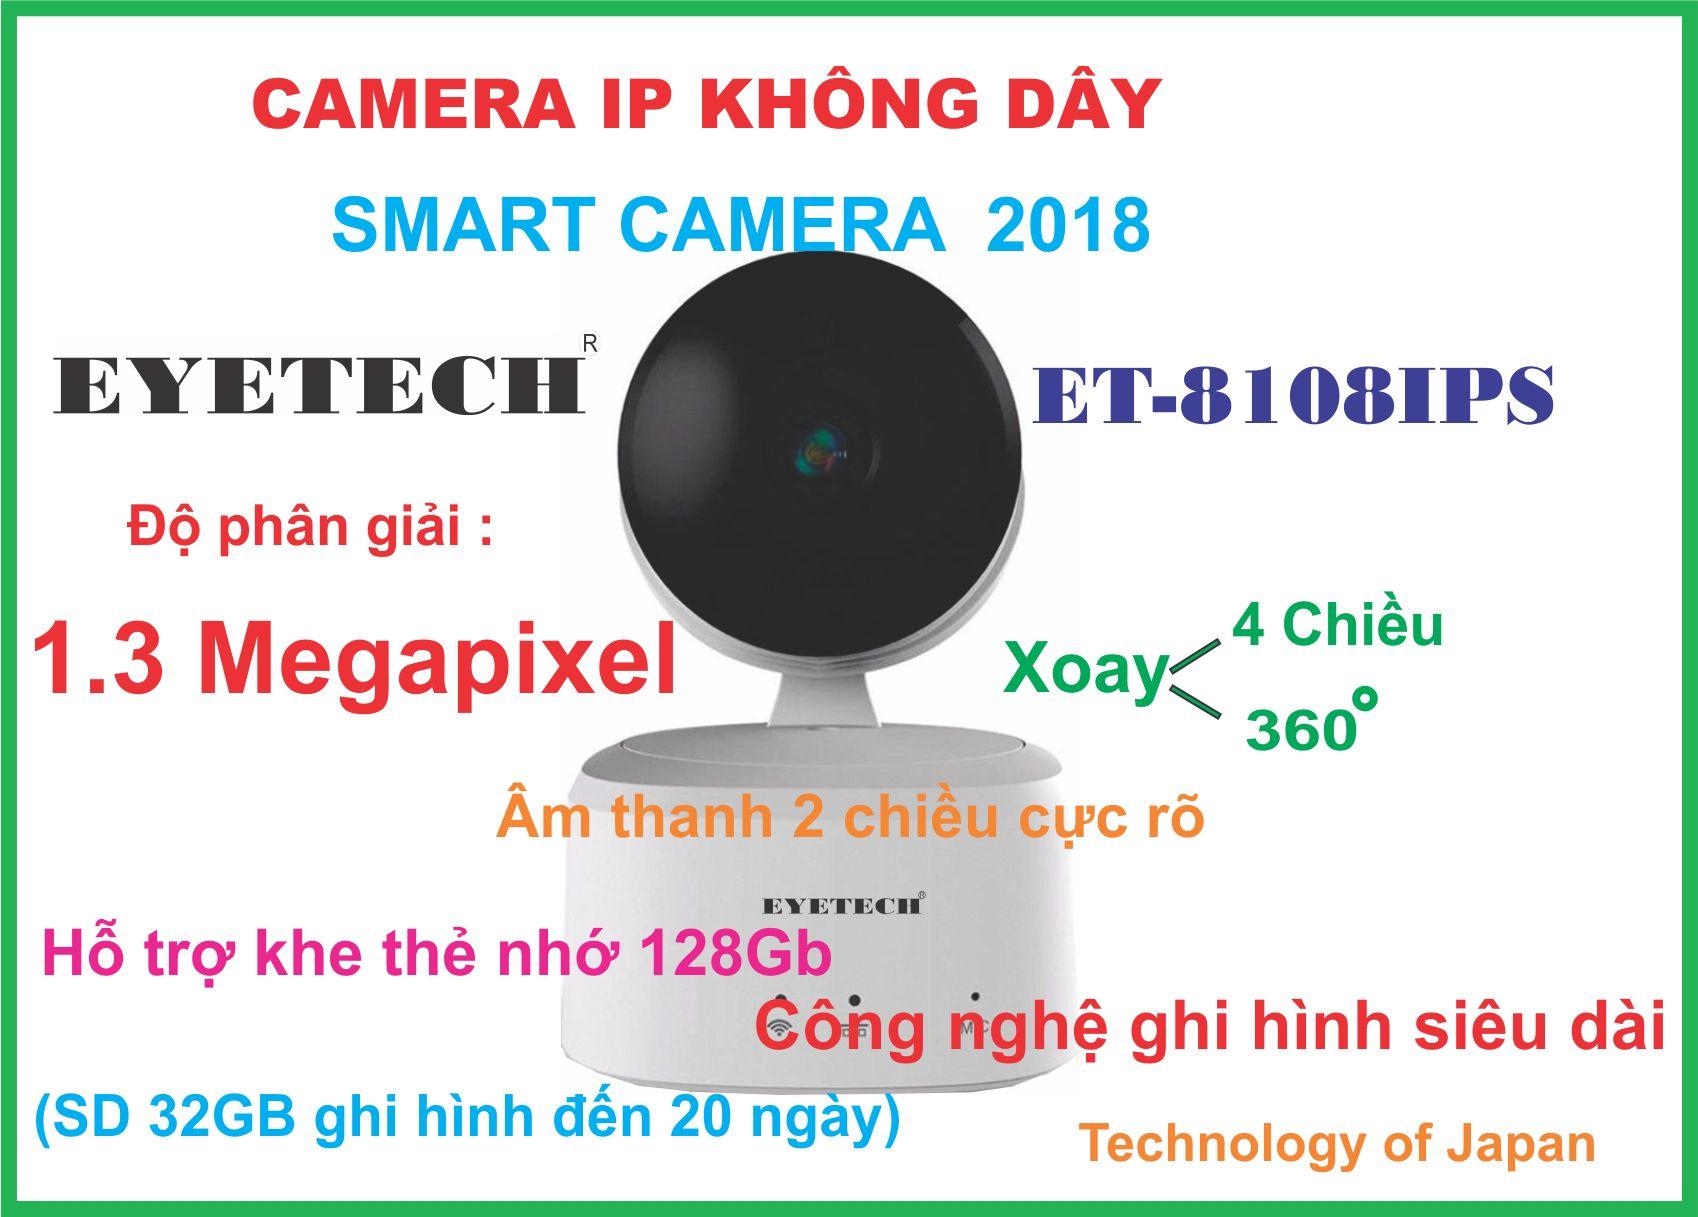 Lắp đặt camera quan sát Bà Rịa Vũng Tàu, Camera Ip không dây giá rẻ.